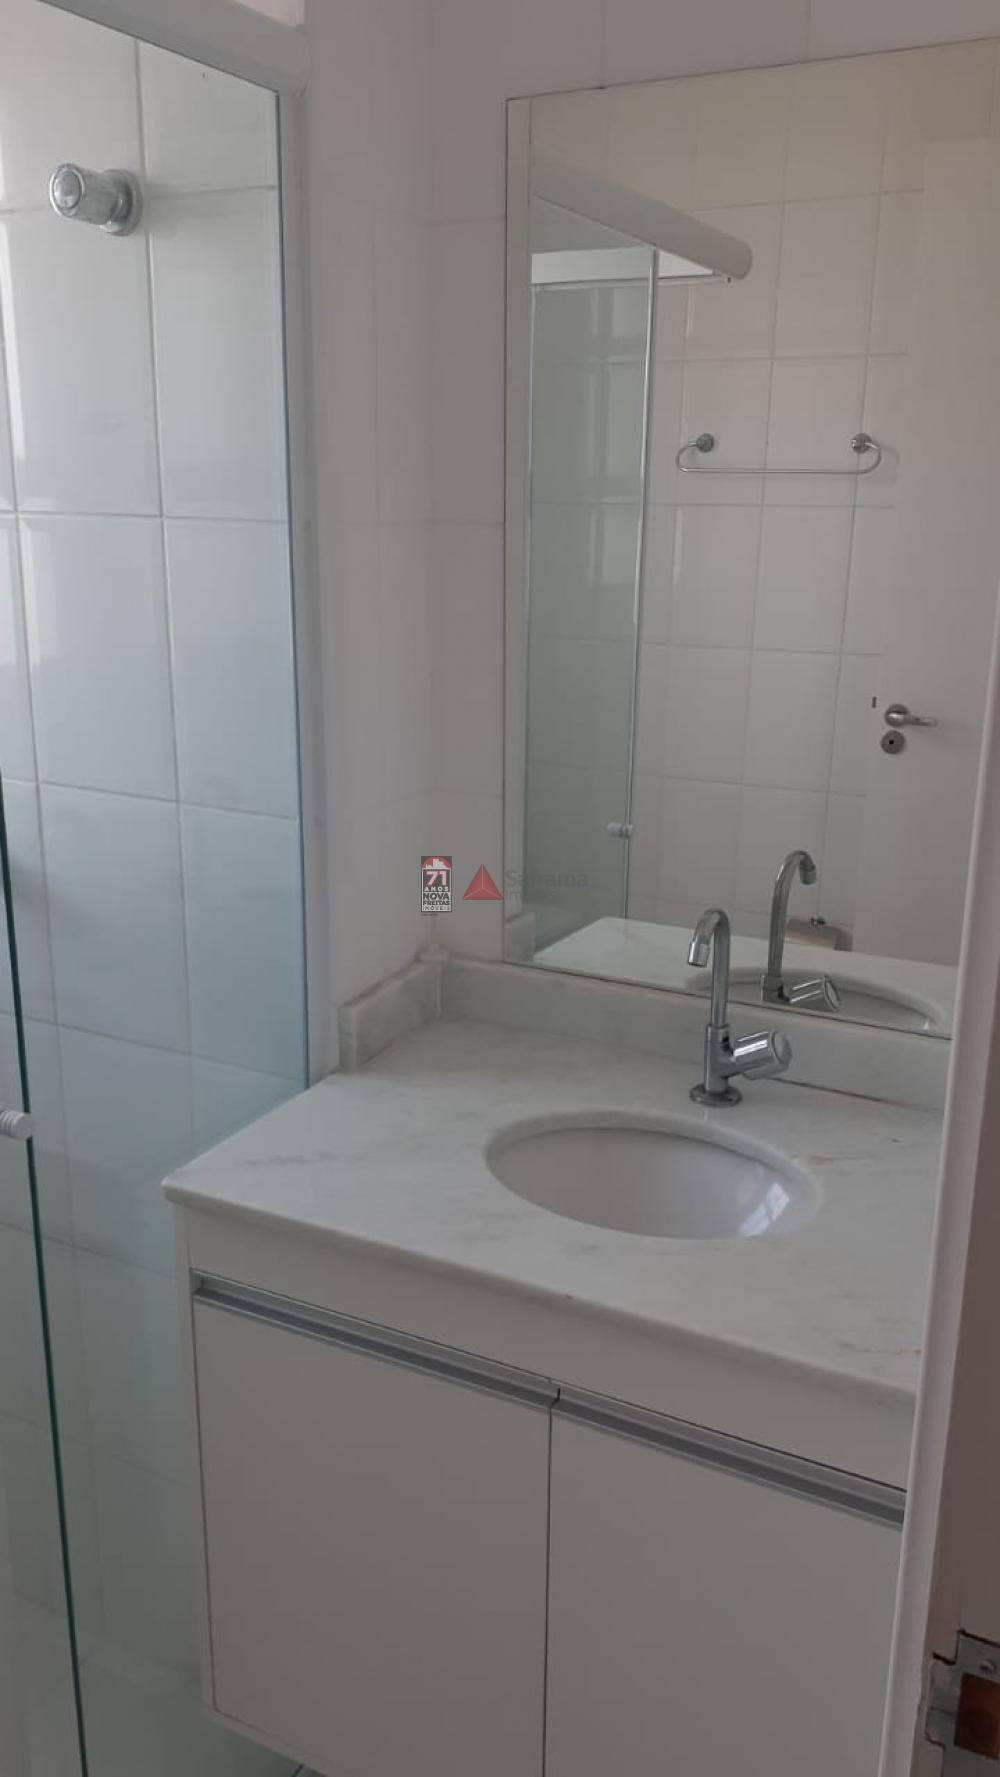 Alugar Apartamento / Padrão em São José dos Campos R$ 1.500,00 - Foto 16